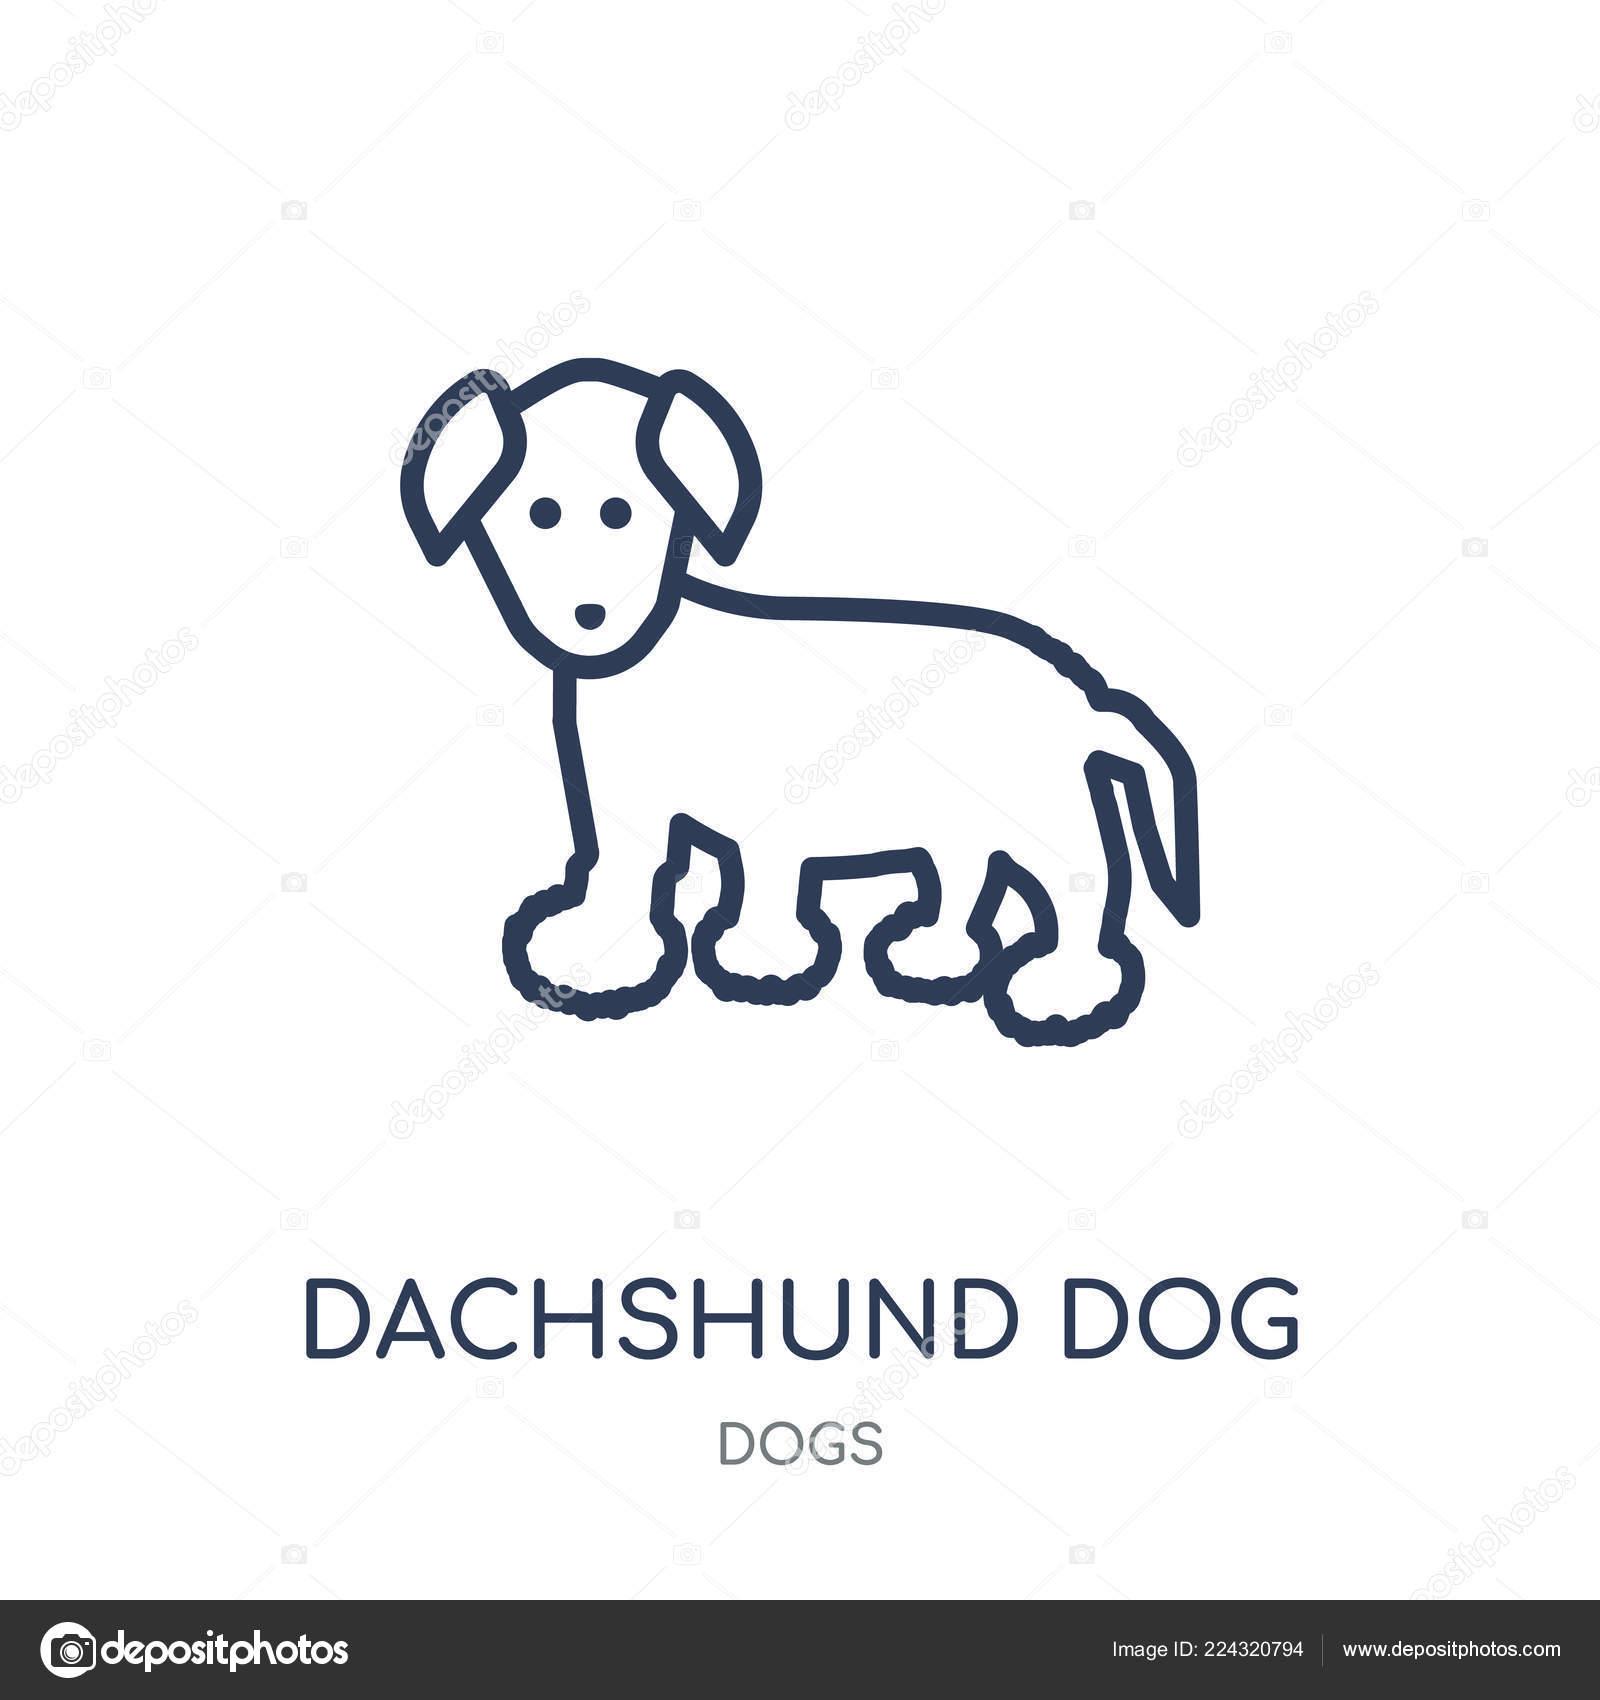 Disegno Di Un Cane Facile.Dachshund Dog Icon Dachshund Dog Linear Symbol Design Dogs